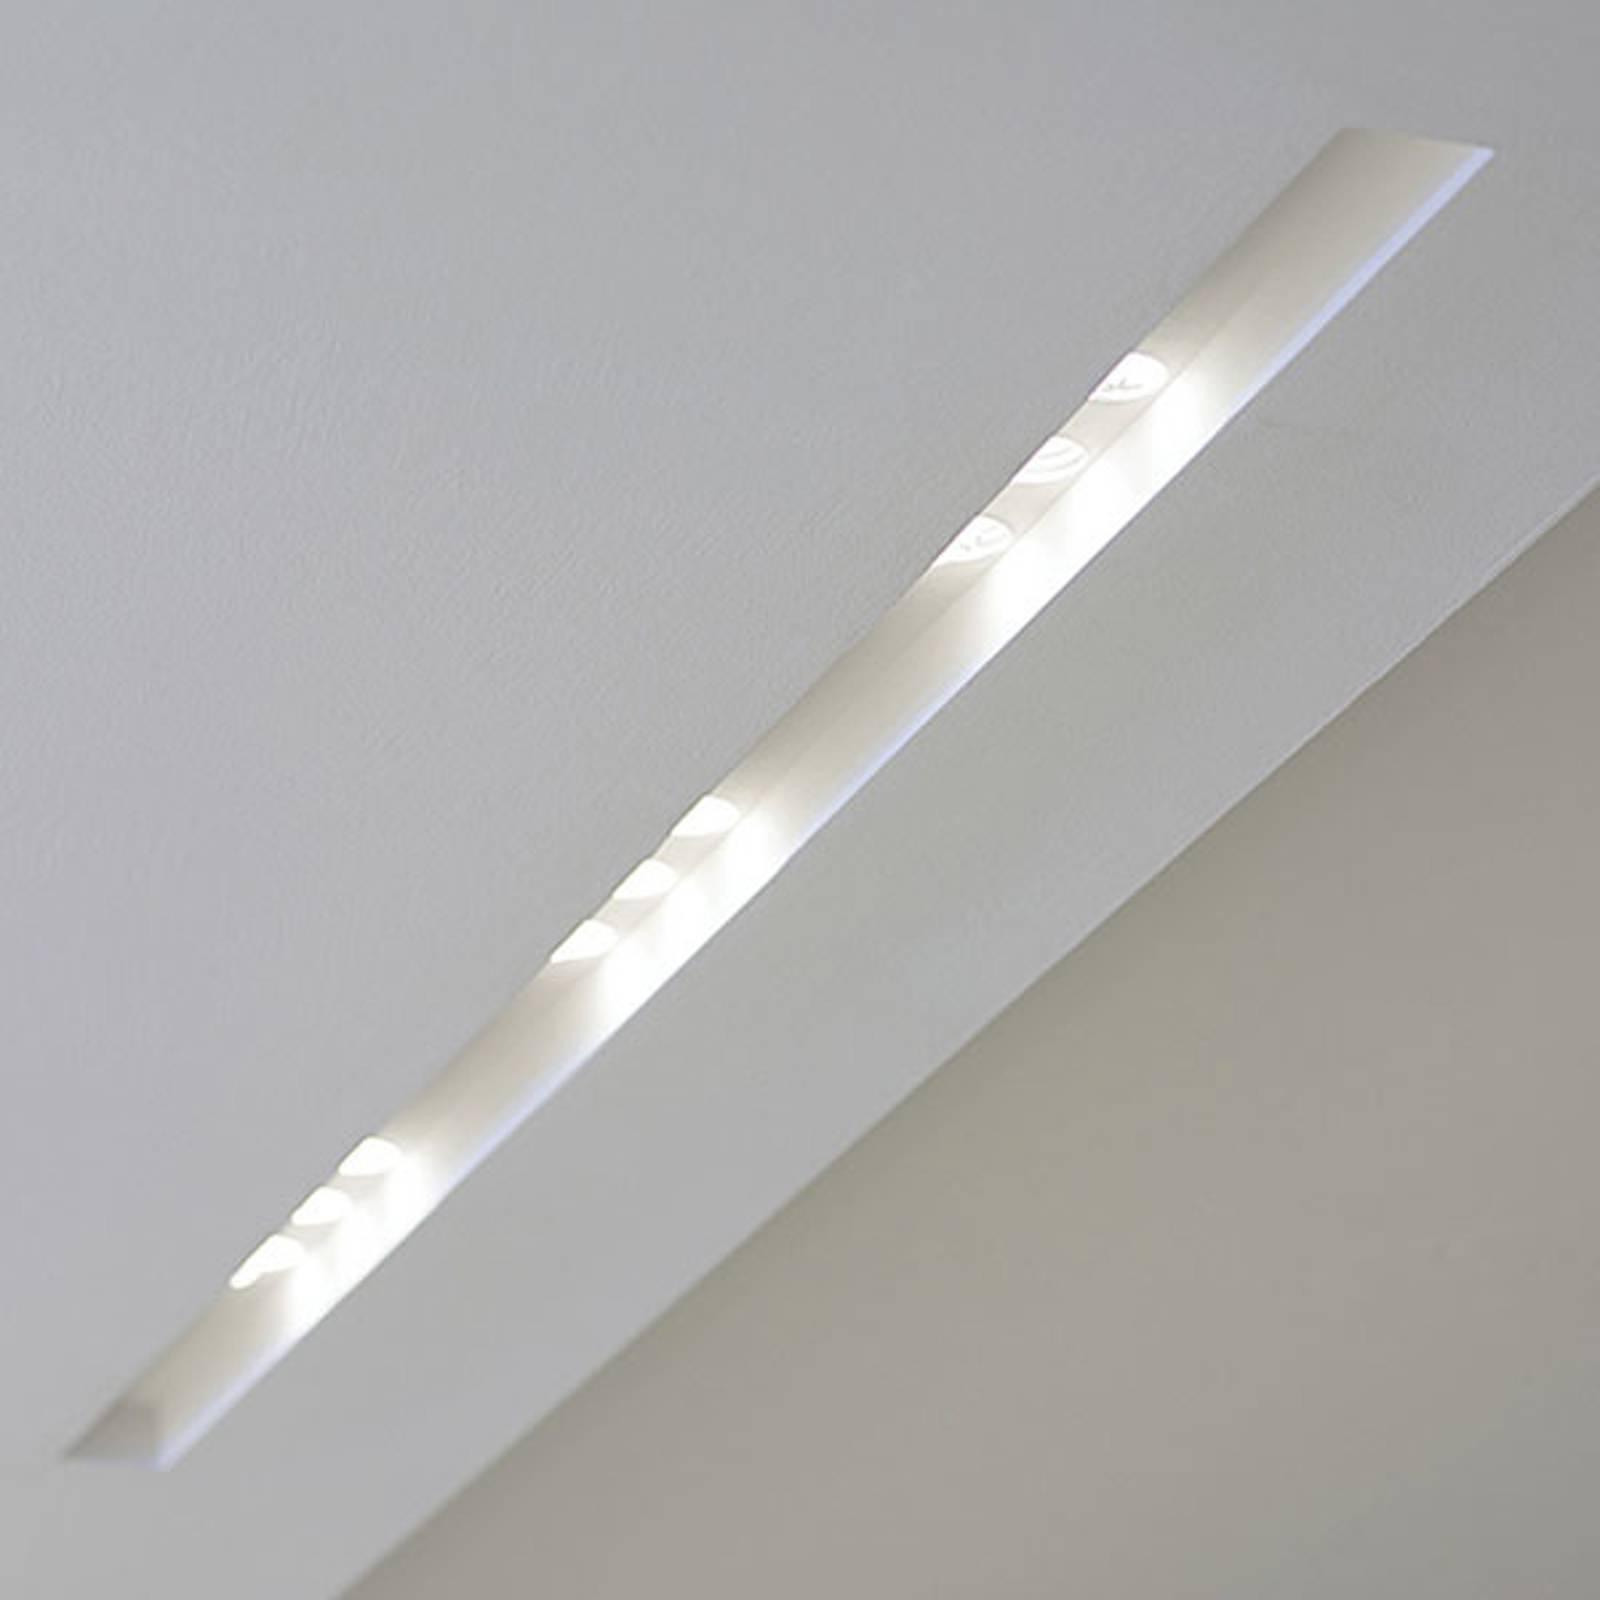 Bilde av Innbygget Led-taklampe 4191i Gu10 Lengde 62 Cm